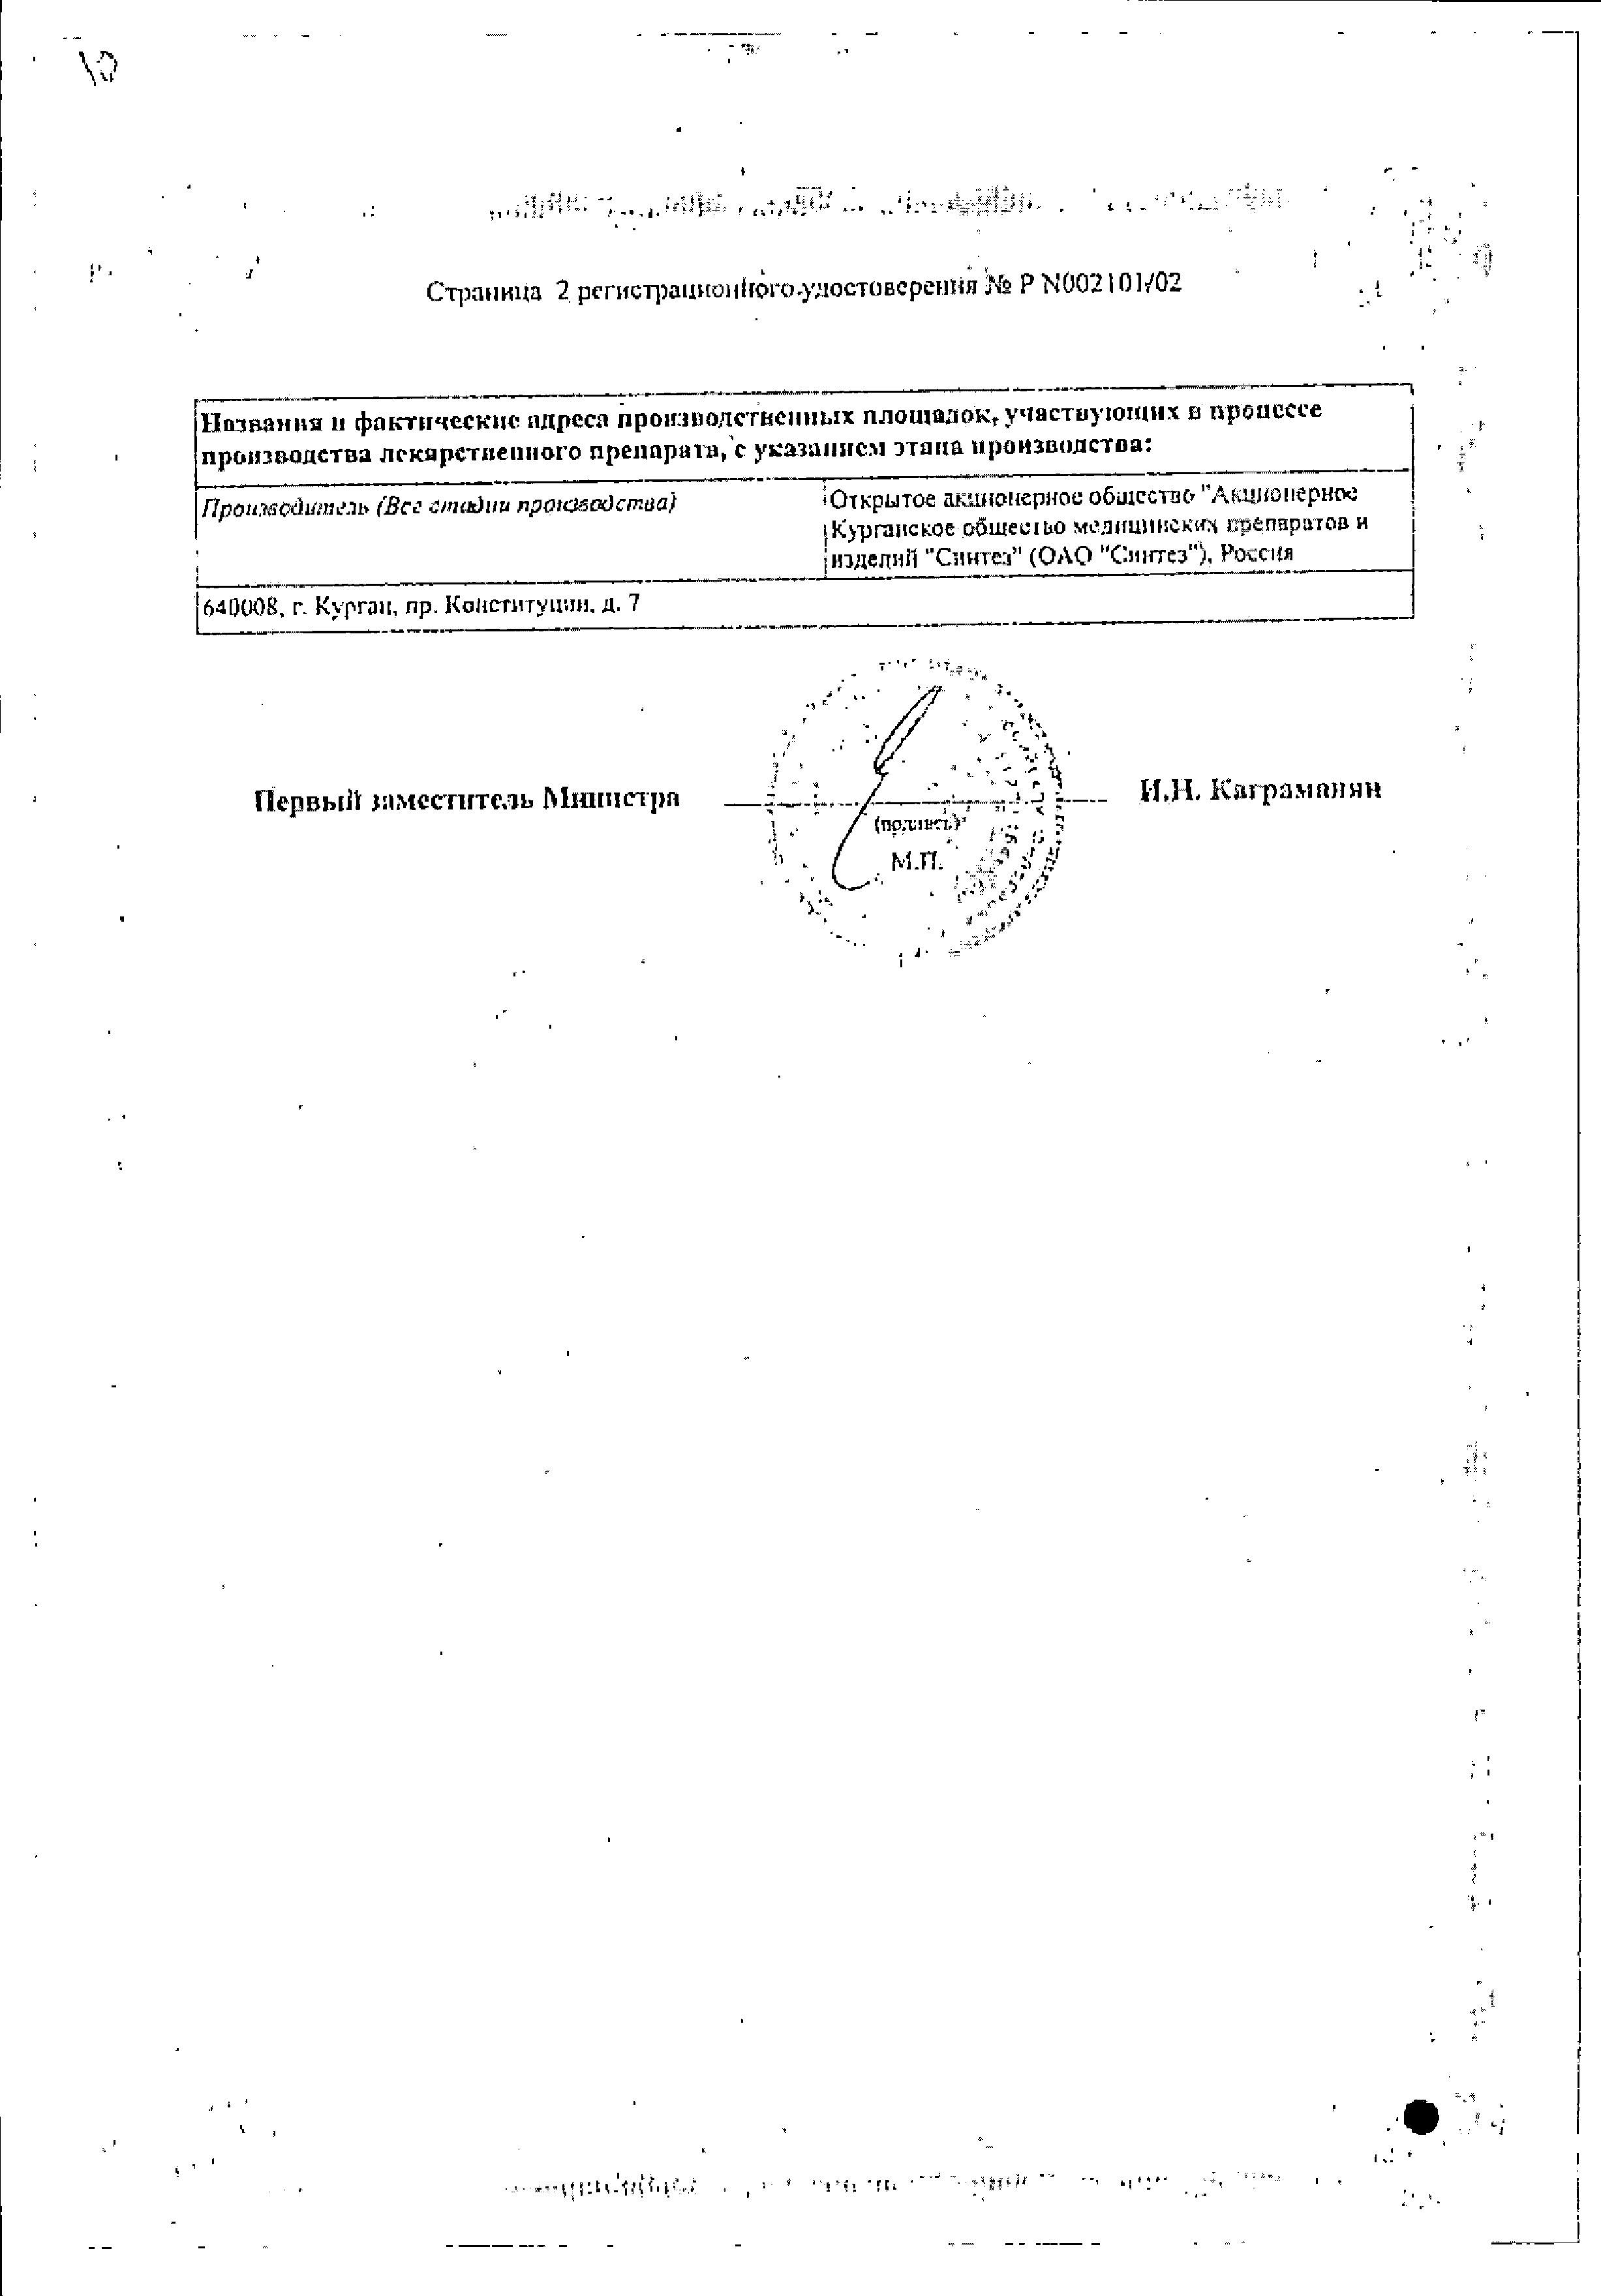 Метронидазол-АКОС сертификат